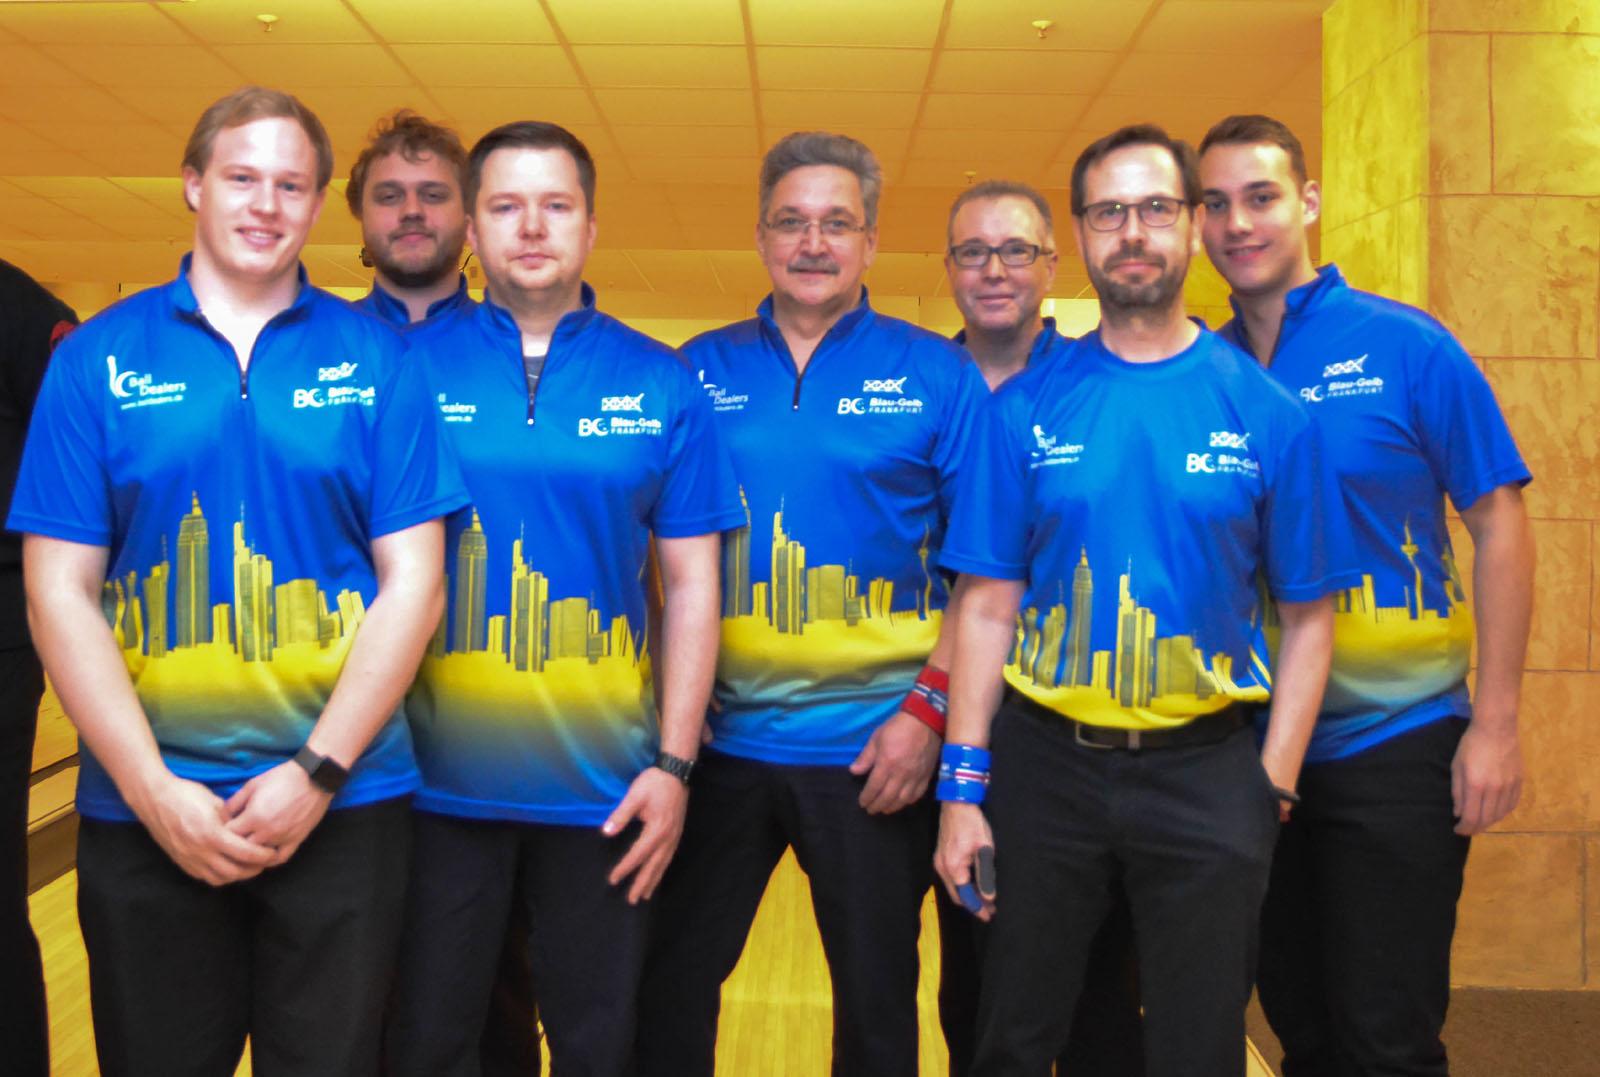 Team Herren 1: Mike, Philipp, Karsten, Bernd, Dale, Frank, Sven (v.l.)